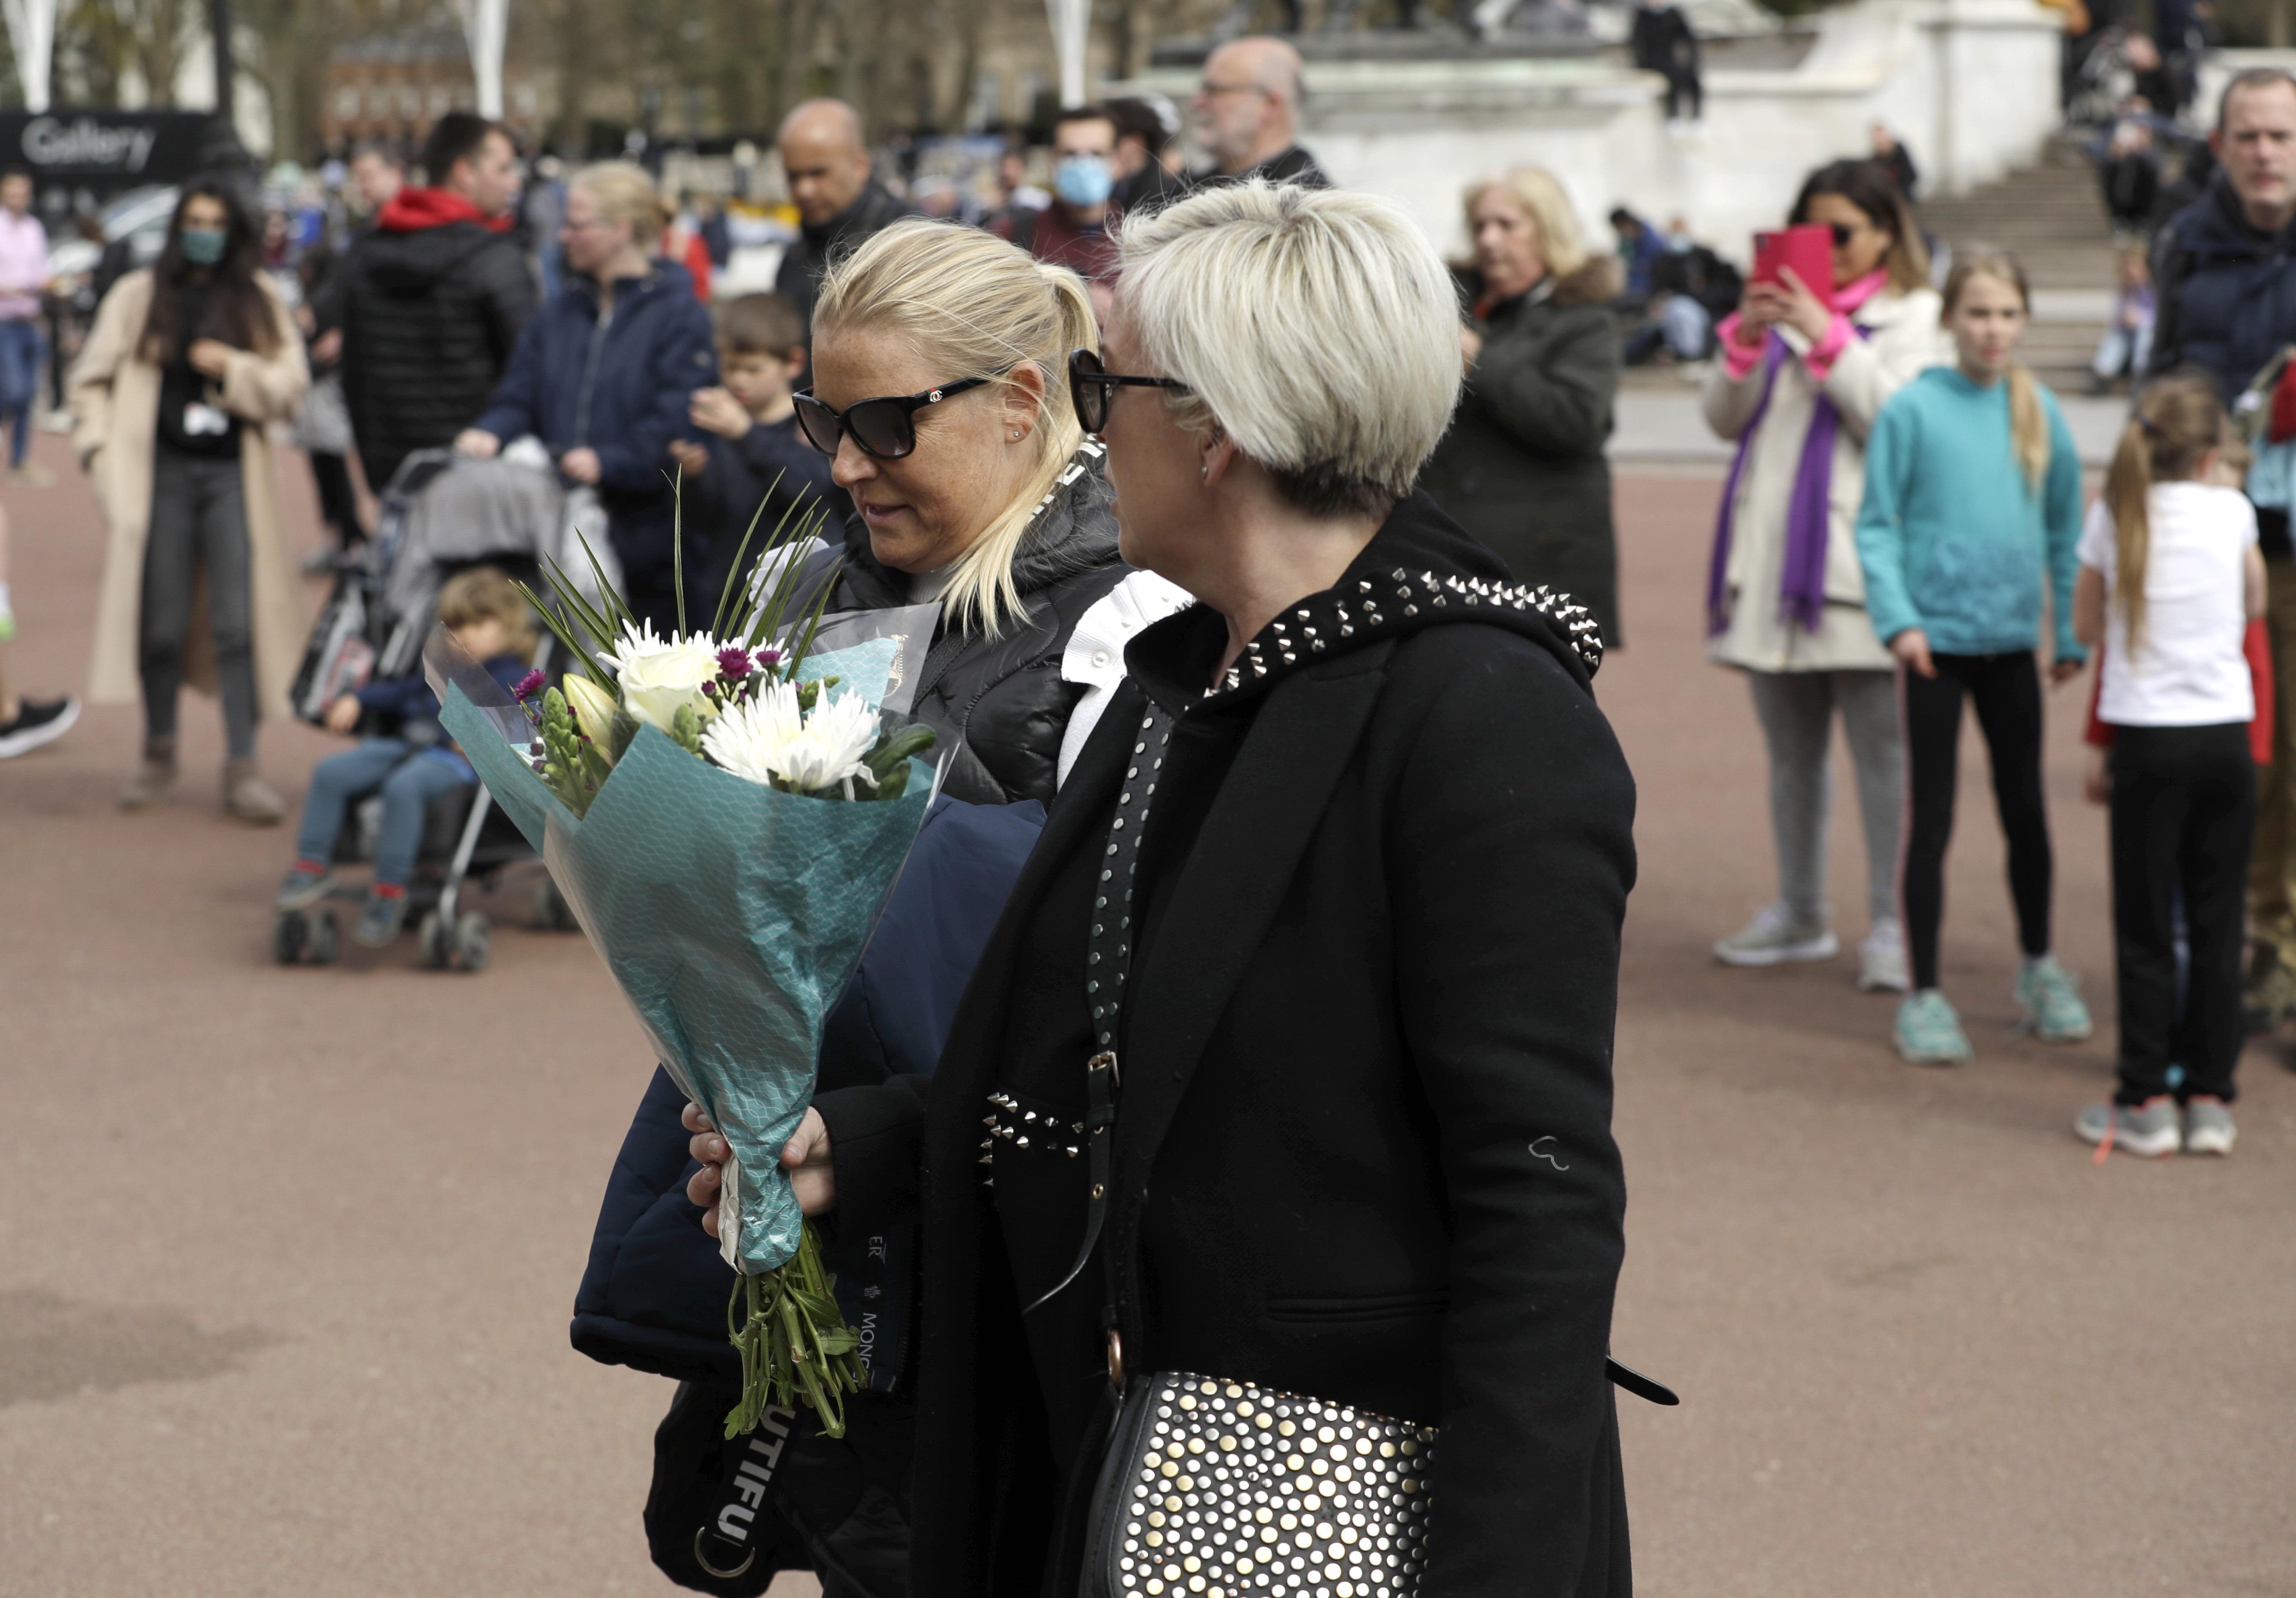 Cientos de personas han llegado hasta los portones del Palacio de Buckingham a presentar sus respetos al Duque de Edimburgo. (AP)